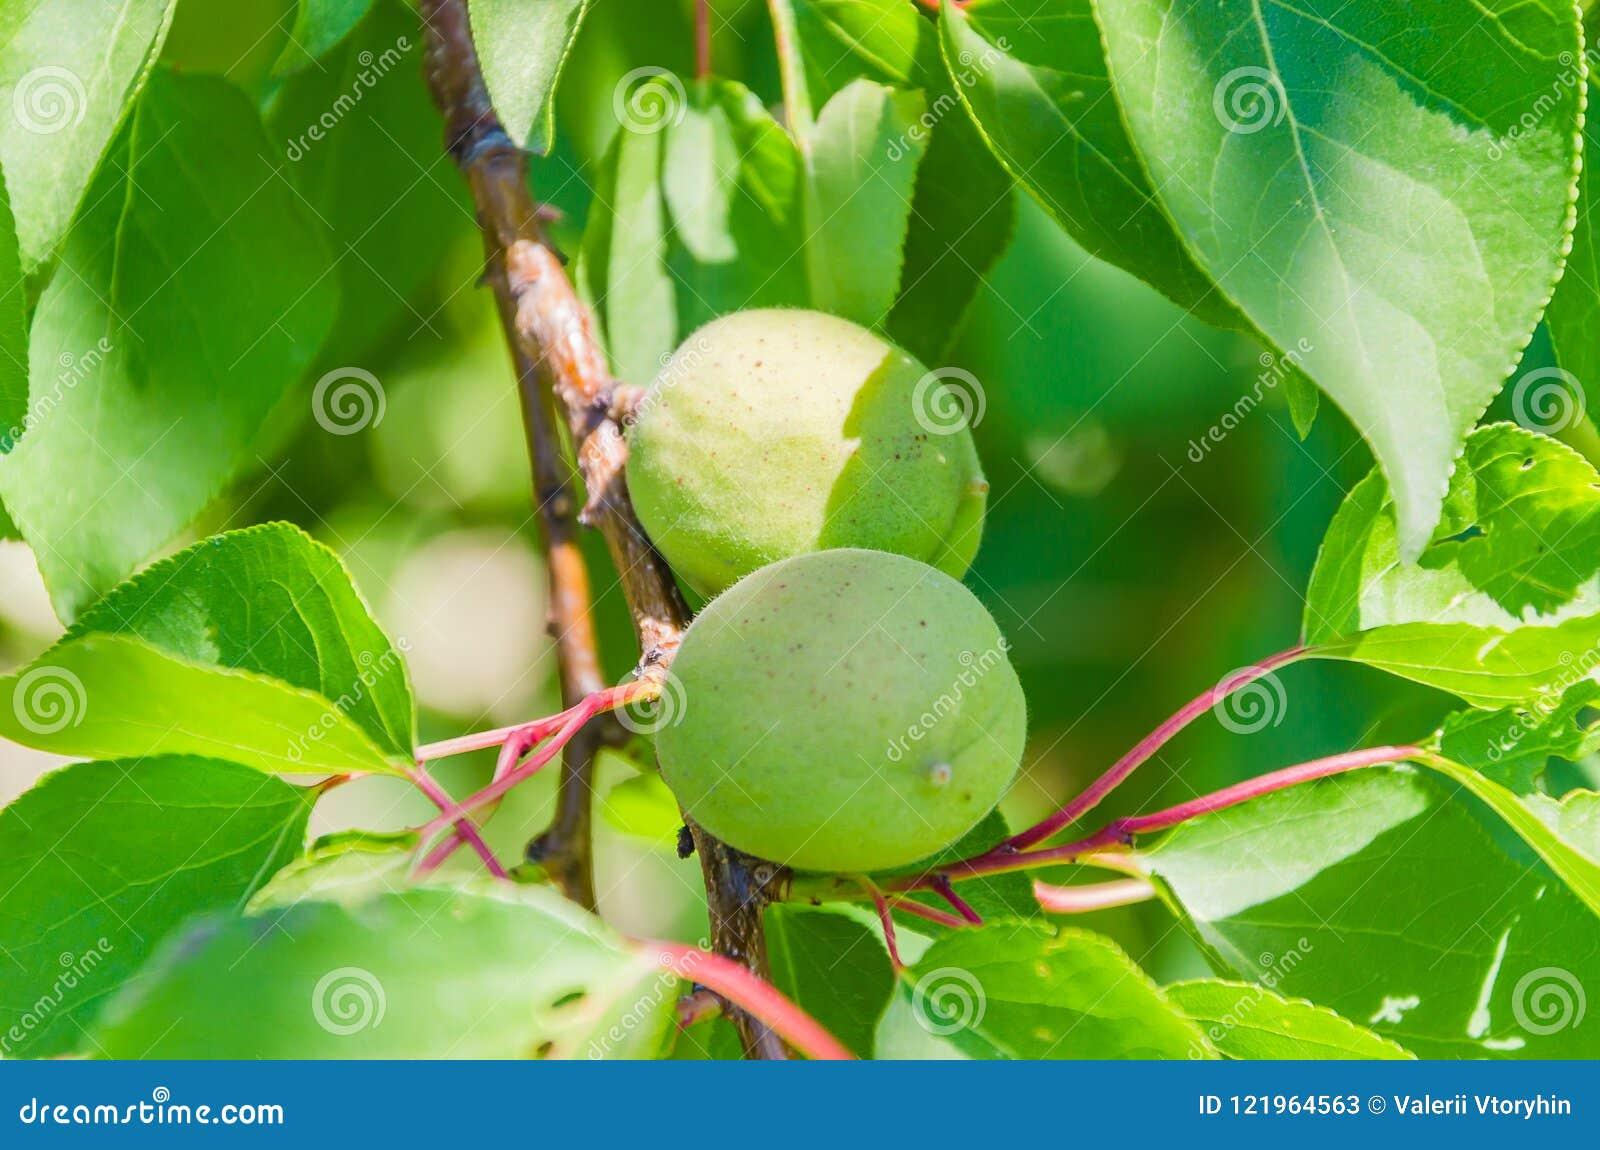 Font pas les jeunes abricots mûrs sur une branche